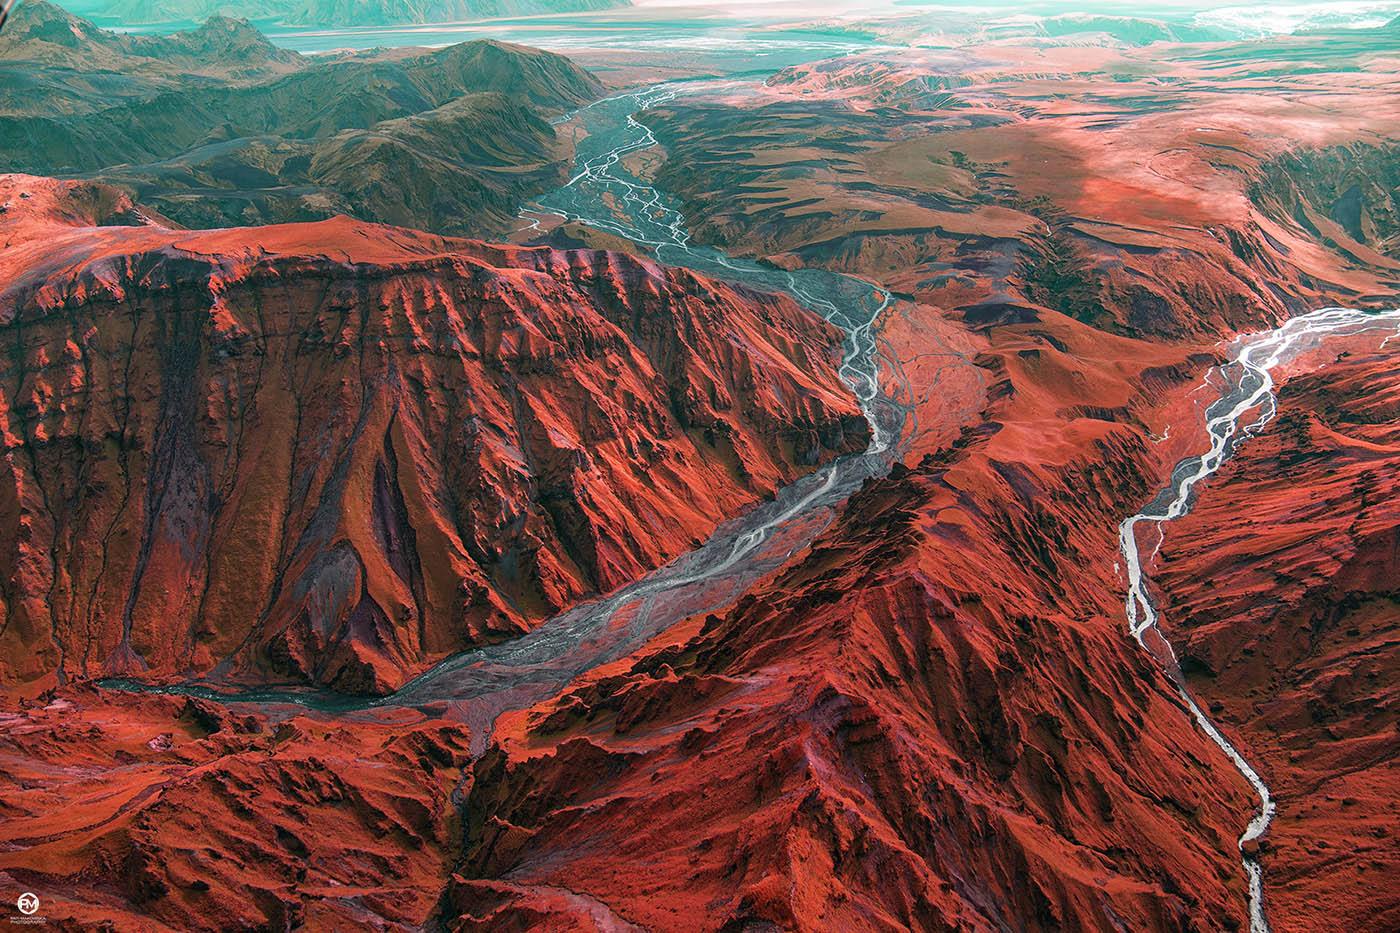 landscape photography volcano by patrycja makowska